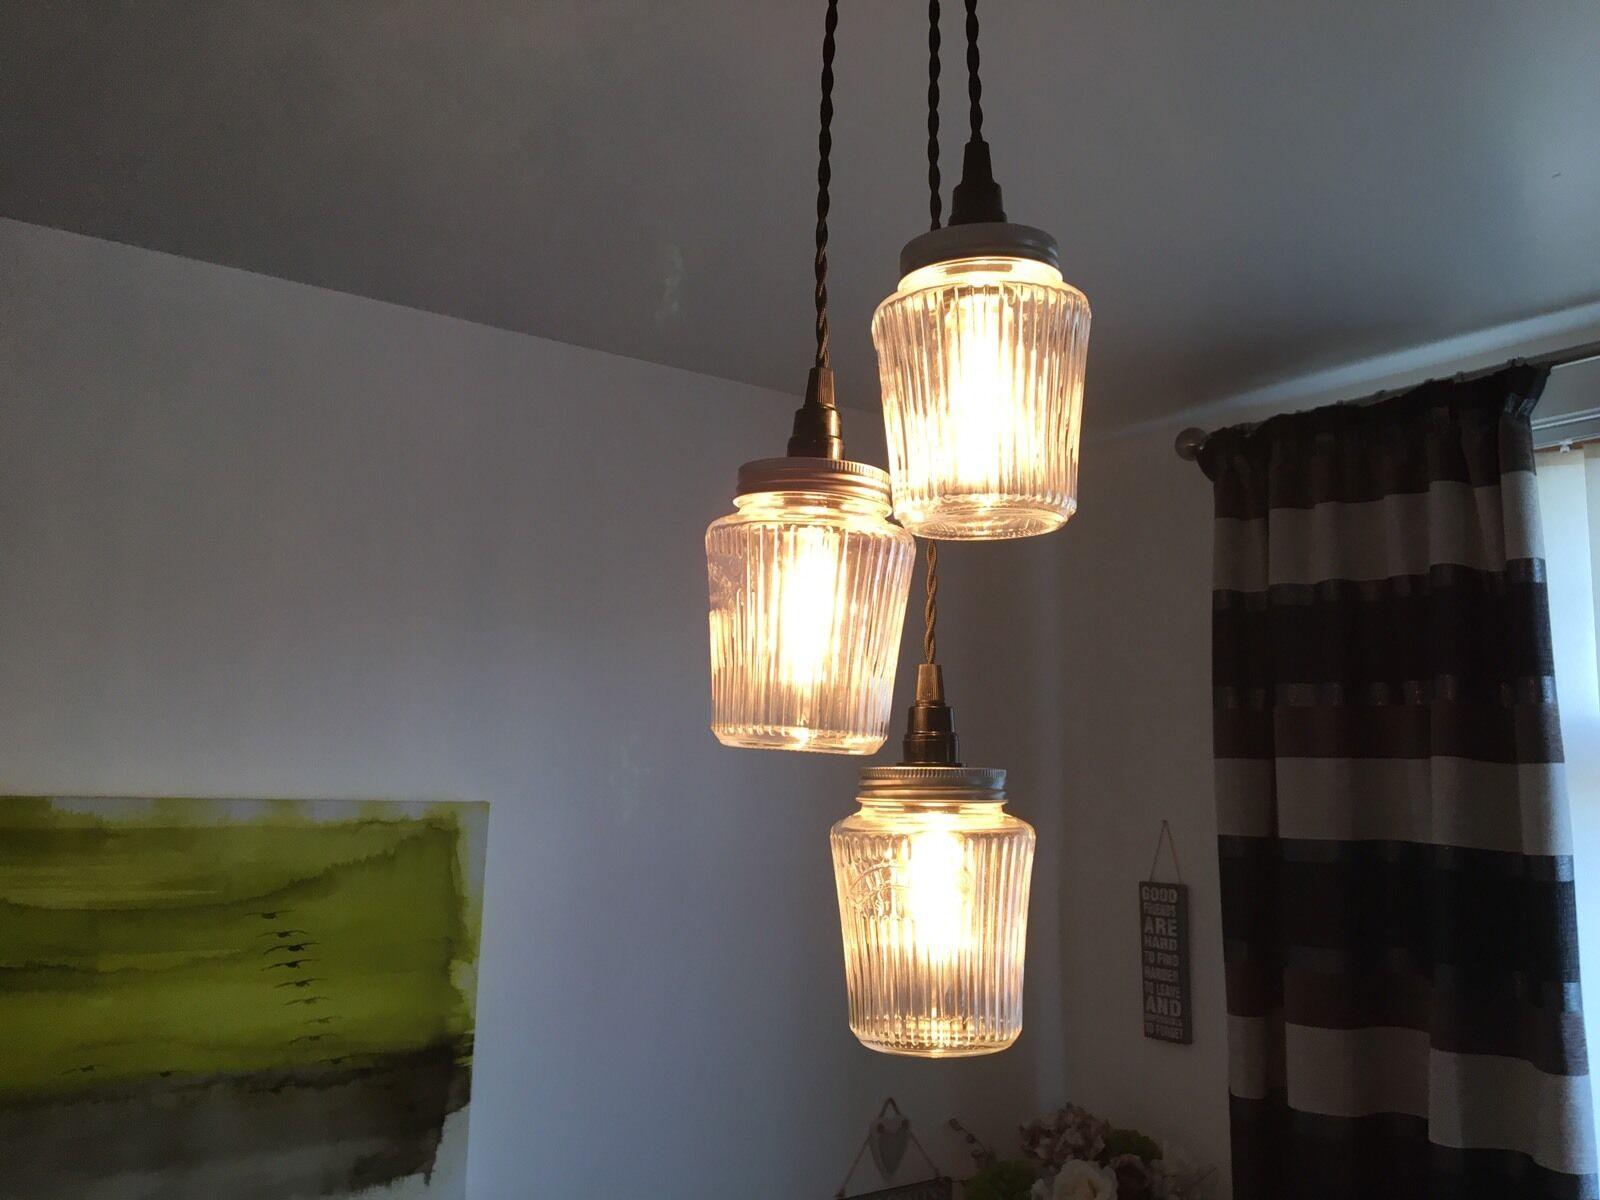 Cluster of 3 Kilner Vintage Preserve Jam Jar Ceiling Pendant Light